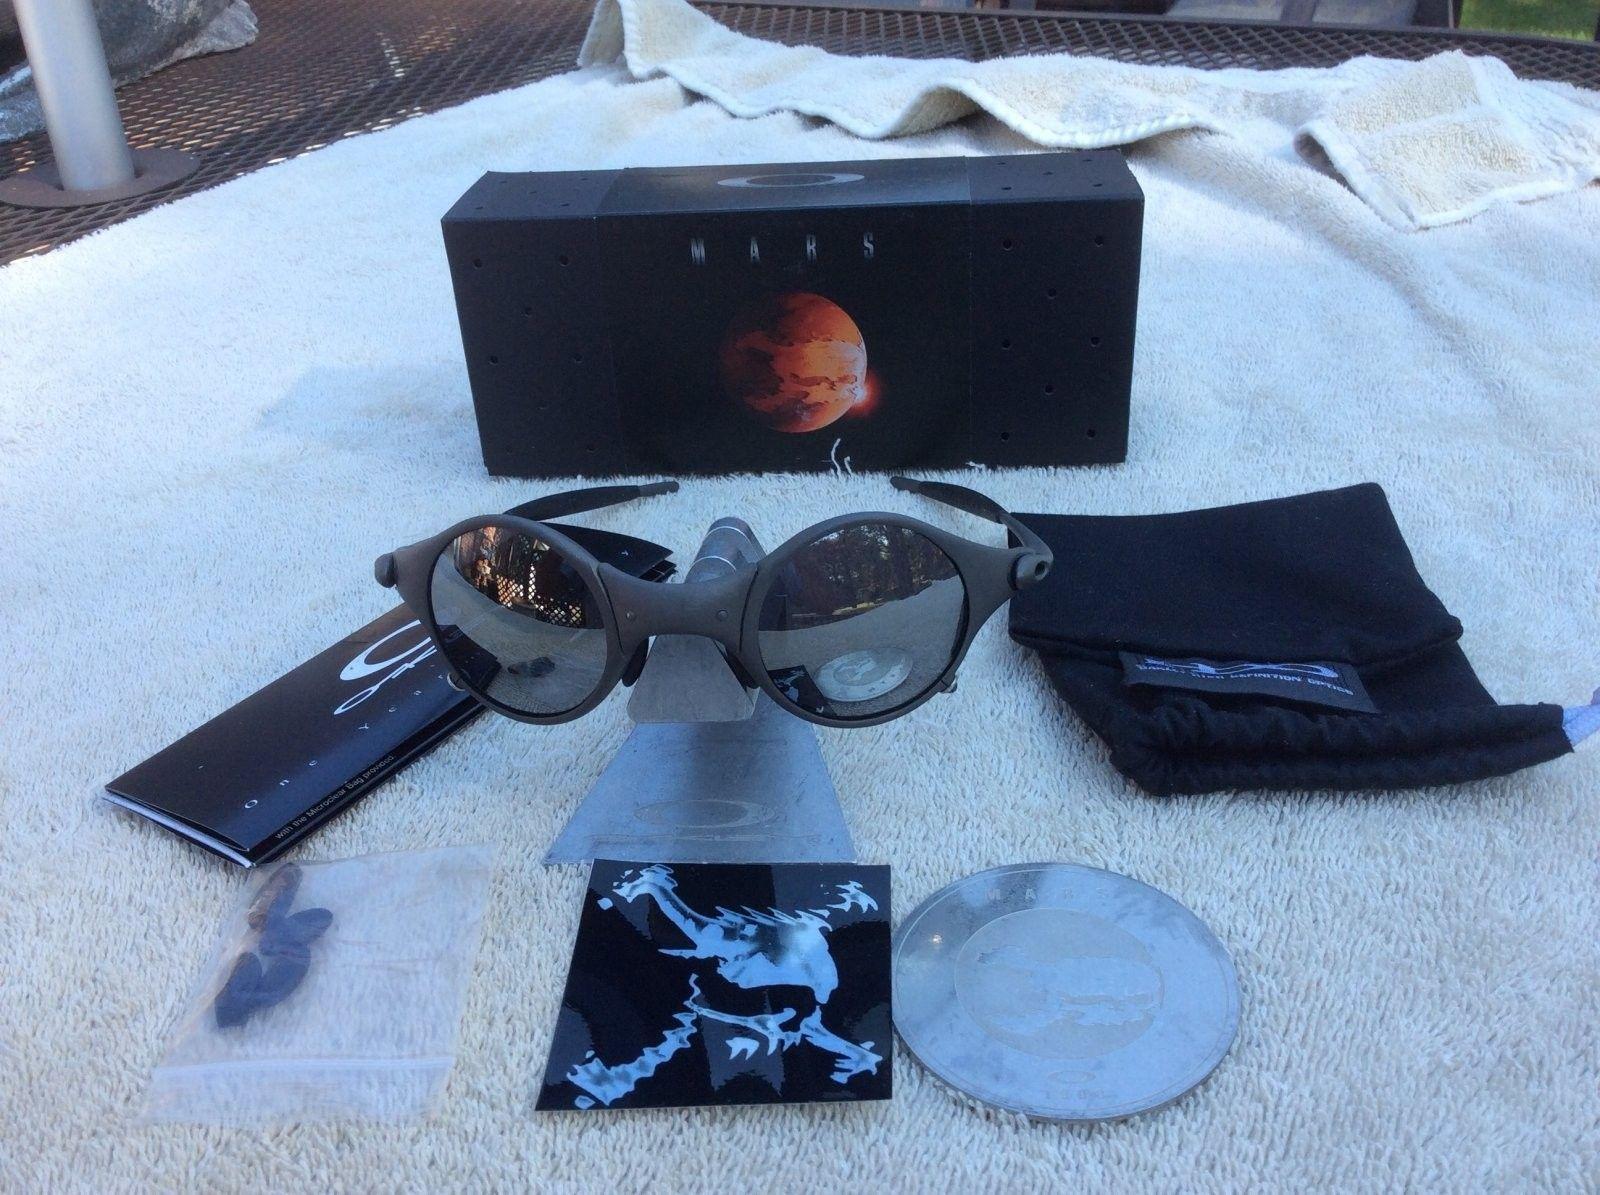 Mars - Complete - image.jpg